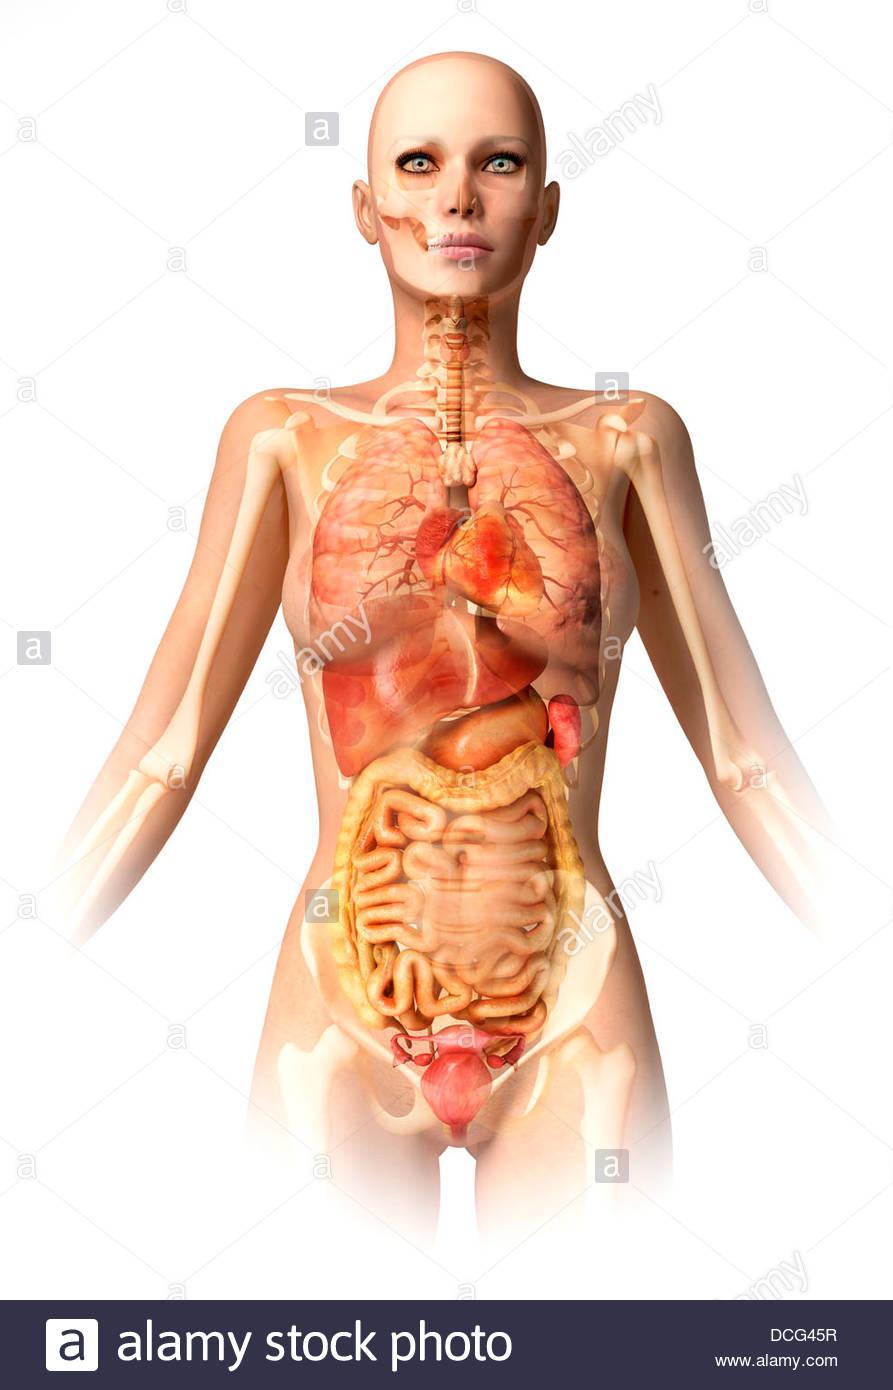 Anatomie des weiblichen Körpers mit Knochen Skelett und alle inneren ...